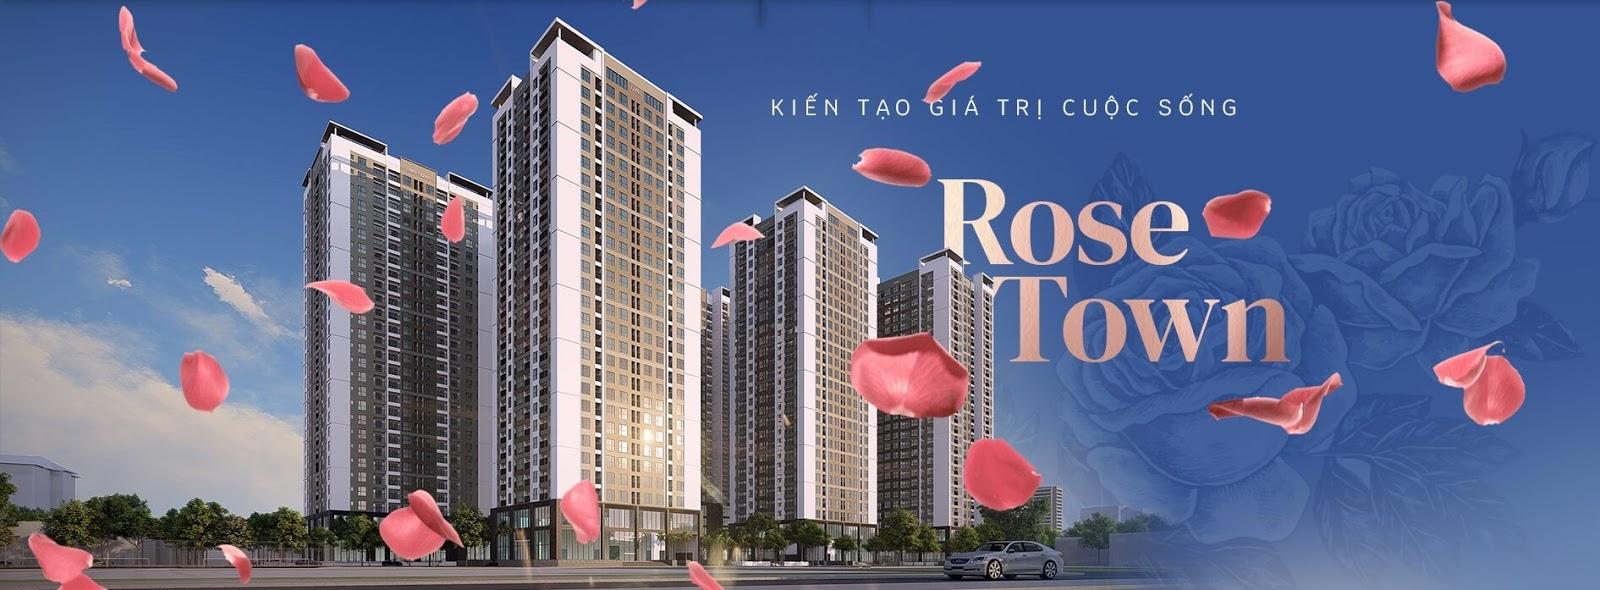 chung-cu-rose-town-ngoc-hoi2-min